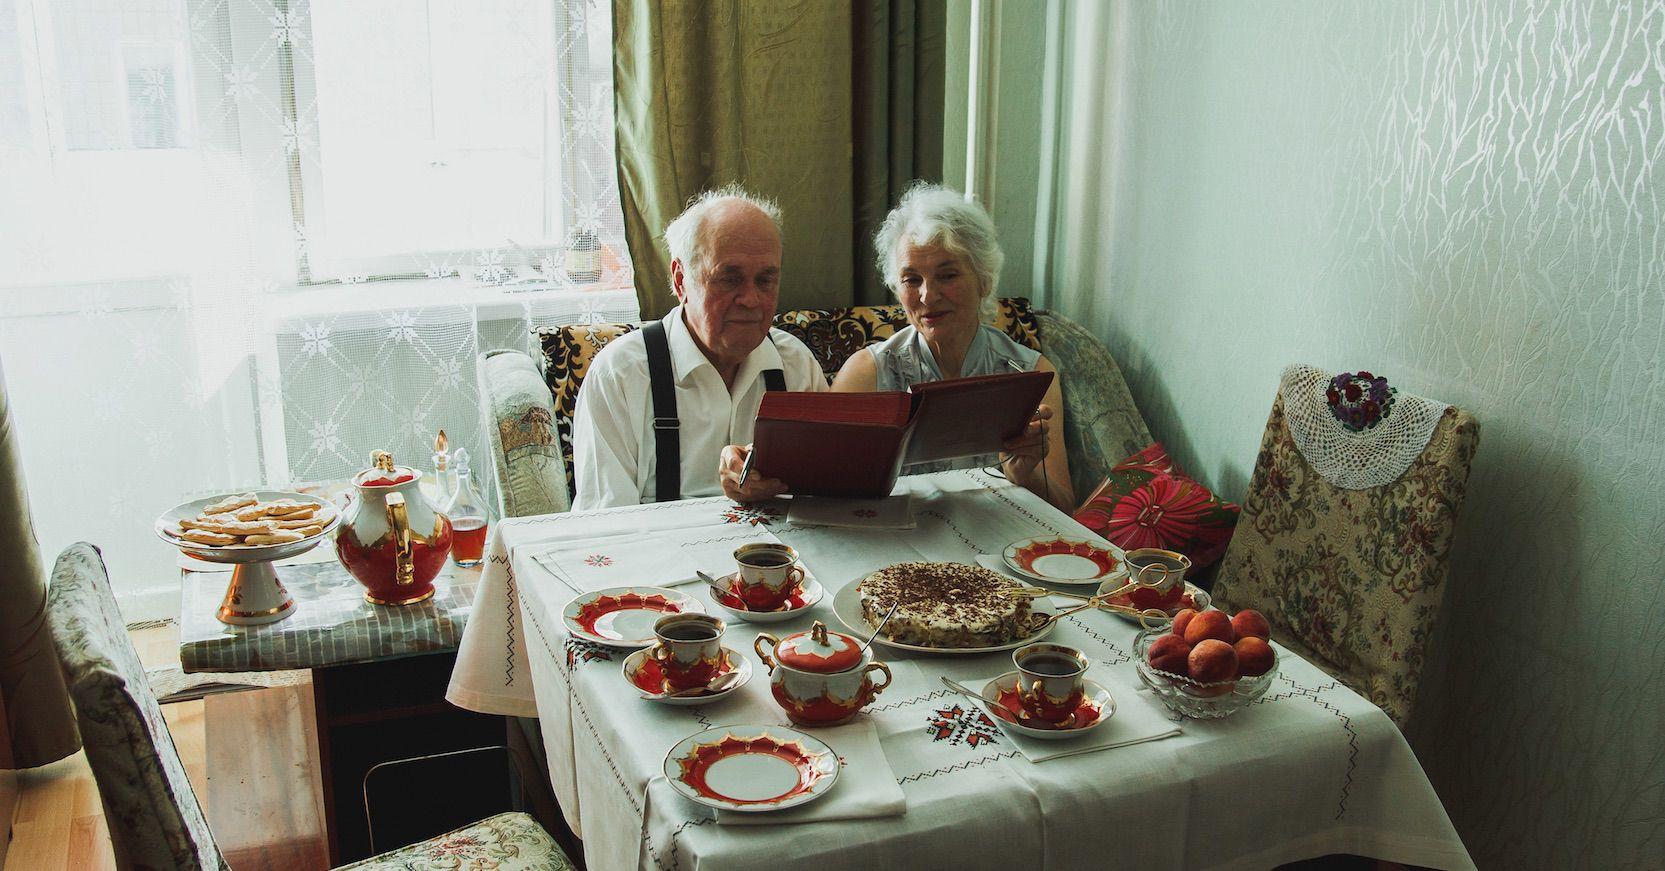 21 Dinge, die sicher auch bei deinen Großeltern daheim stehen!